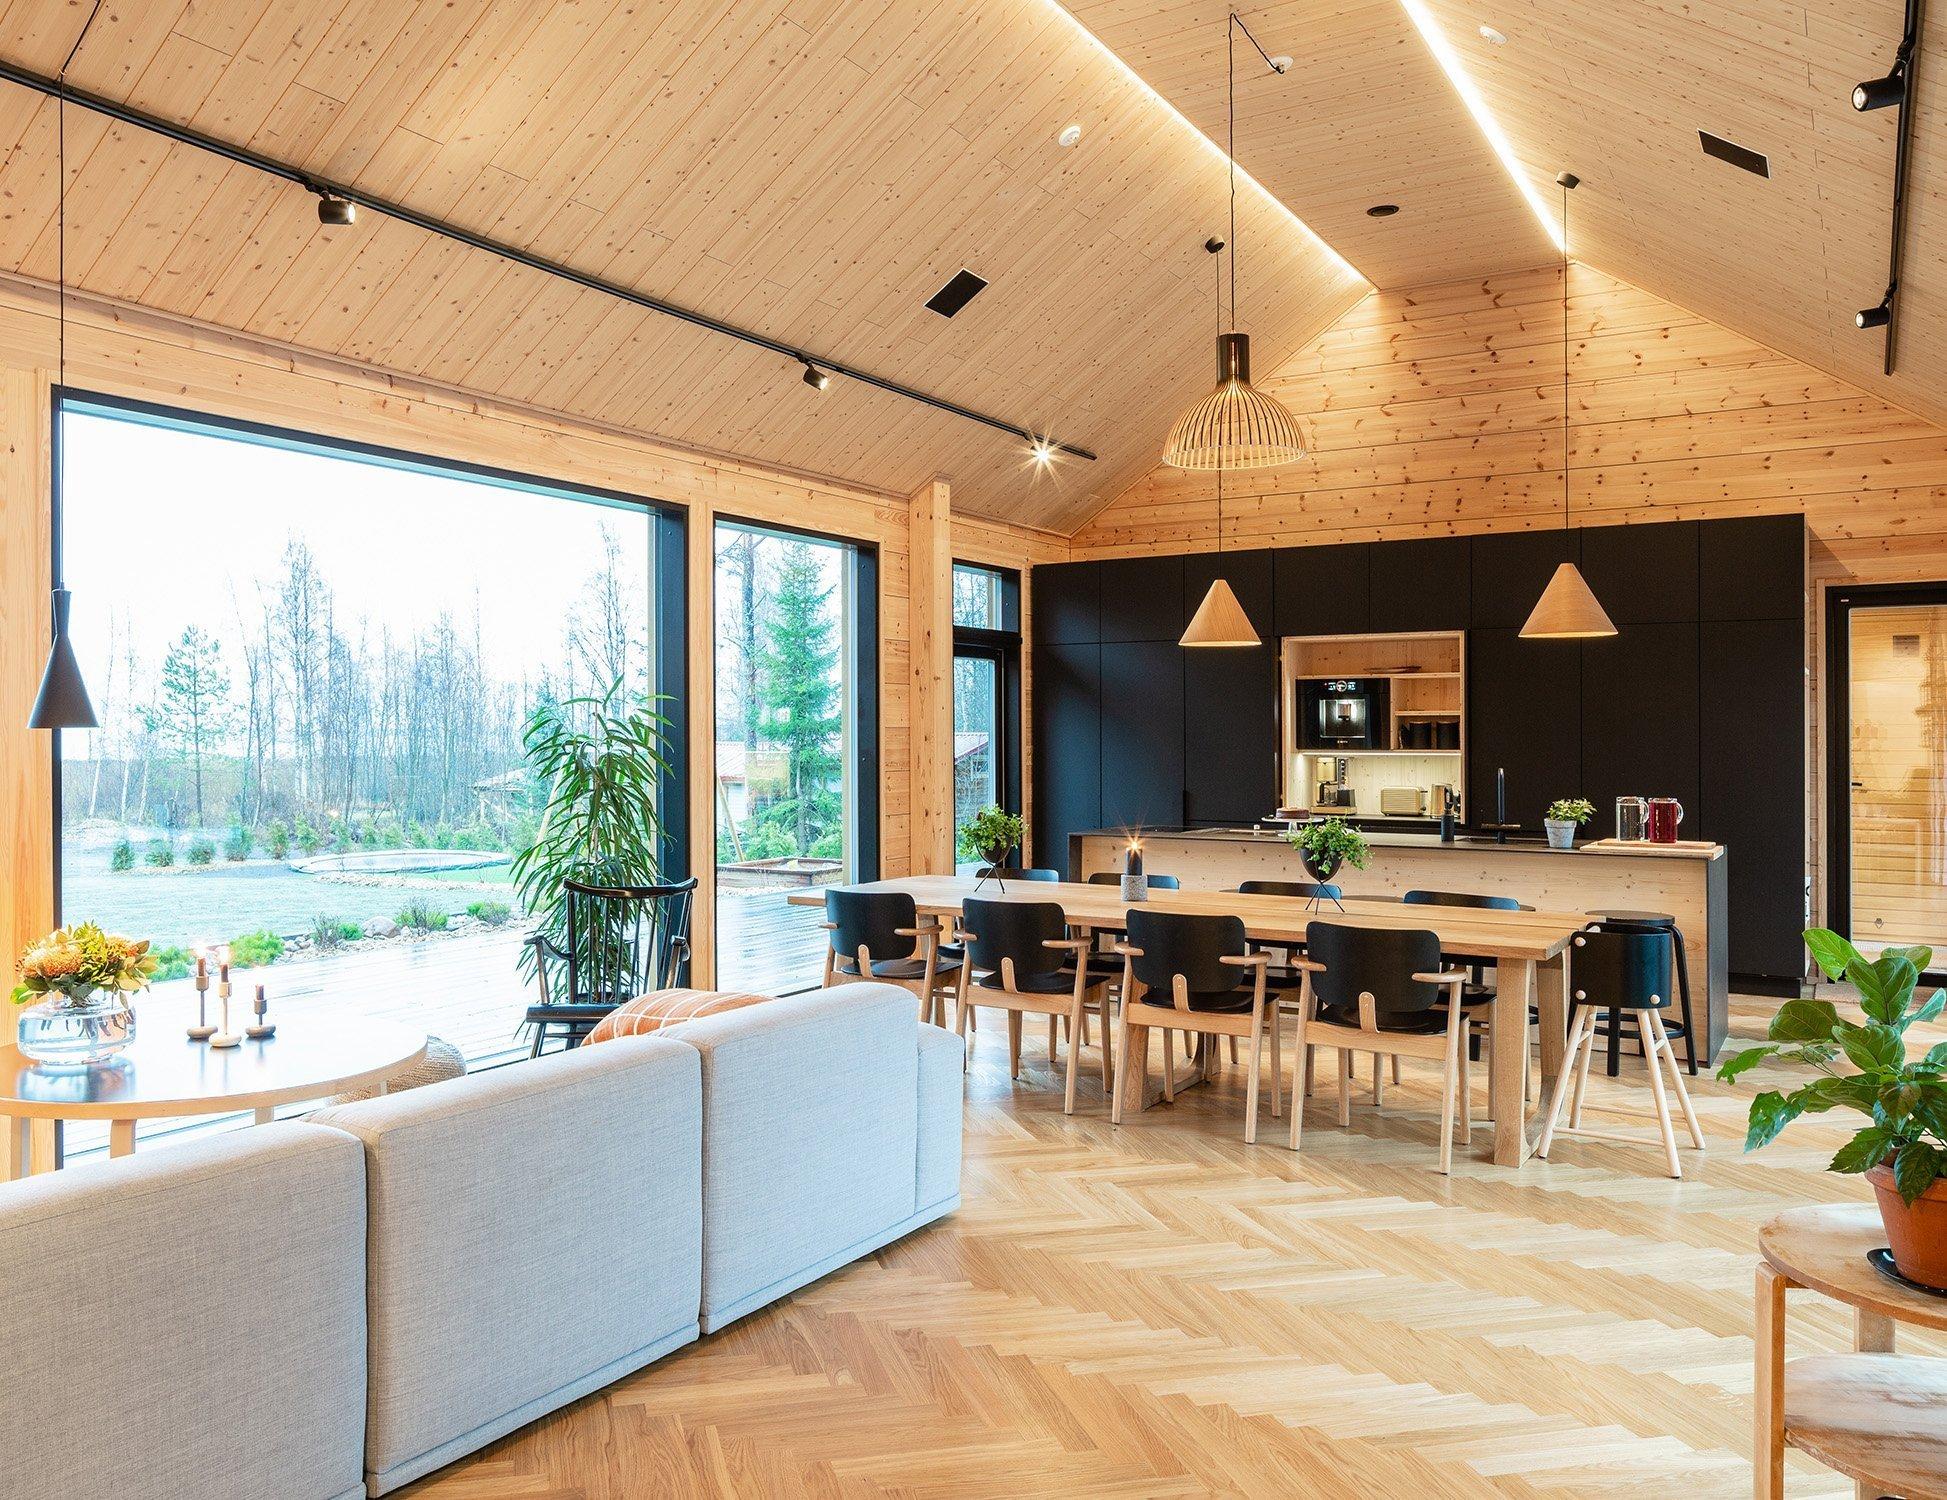 V městečku Oulu na severu Finska vyrostl moderní dřevěný dům pro šestičlennou rodinu, která po letech strávených ve vlhkém viktoriánském domě v Anglii zatoužila po návratu do rodné země. Tento dům otevřený na jih směrem k moři a prosluněný díky řadě velkých oken v sobě snoubí moderní architekturu a tradiční materiál, kterým je dřevo ve vší své přirozené kráse.